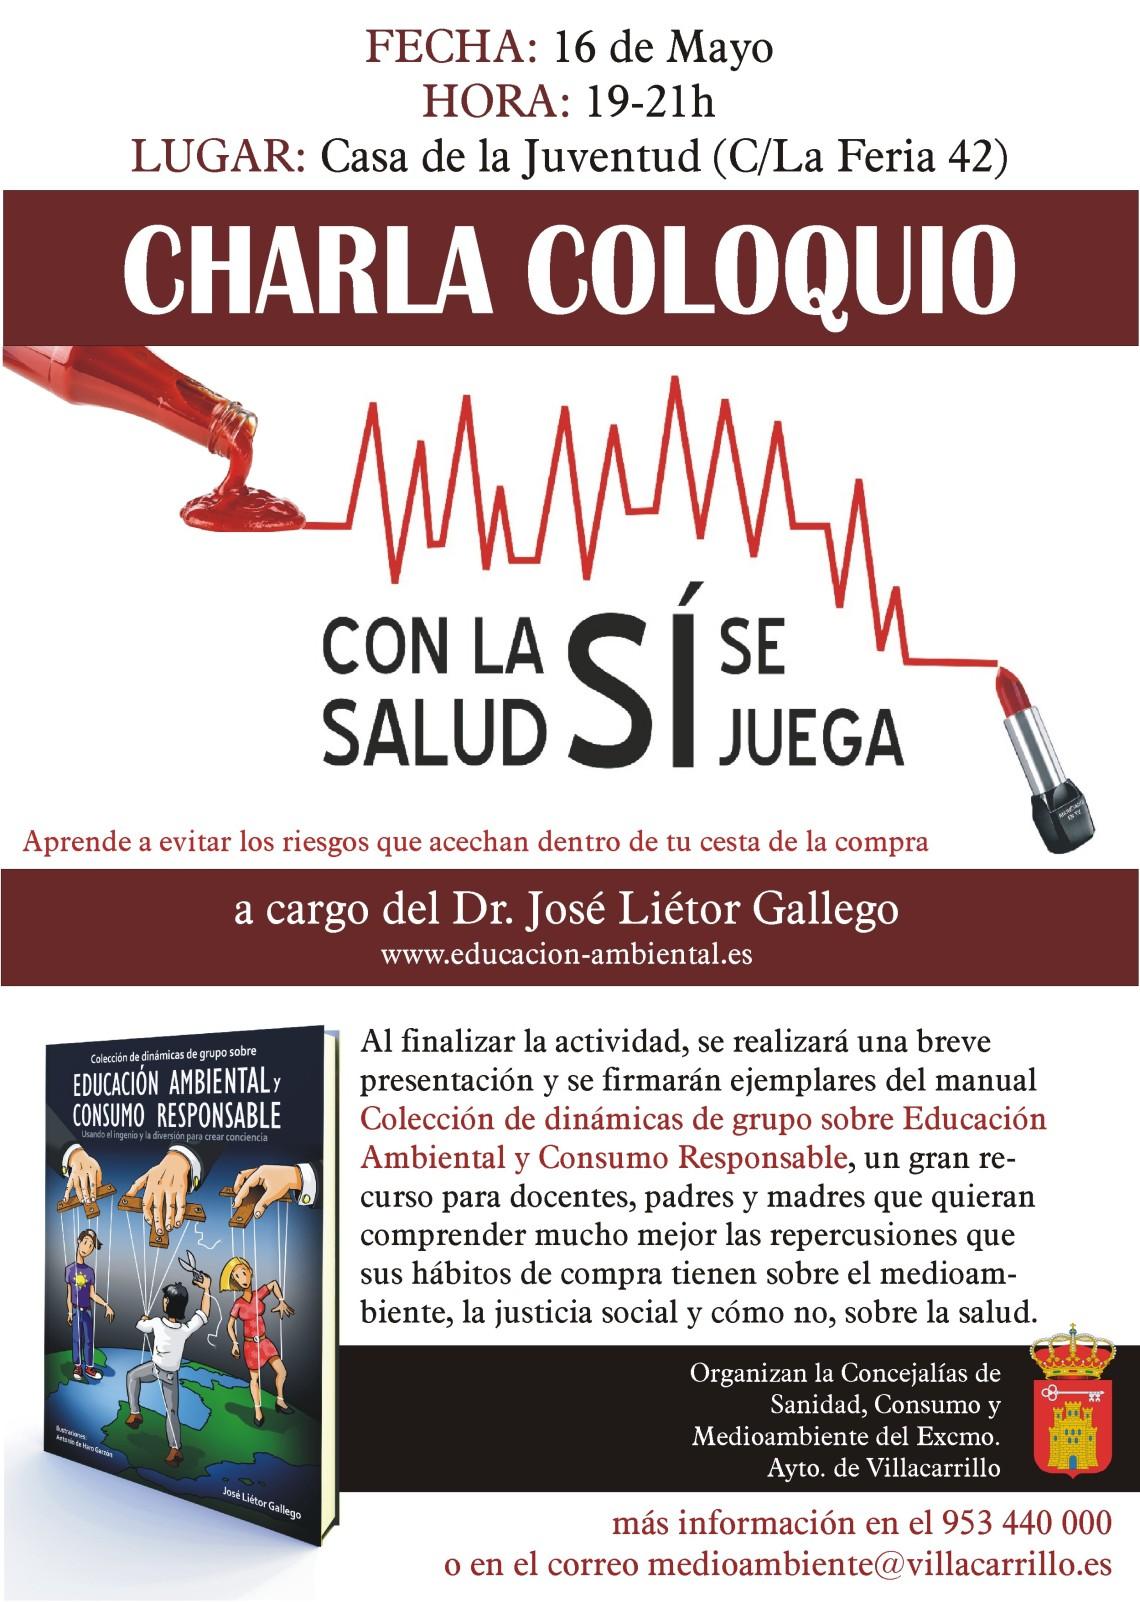 Presentacion_villacarrillo